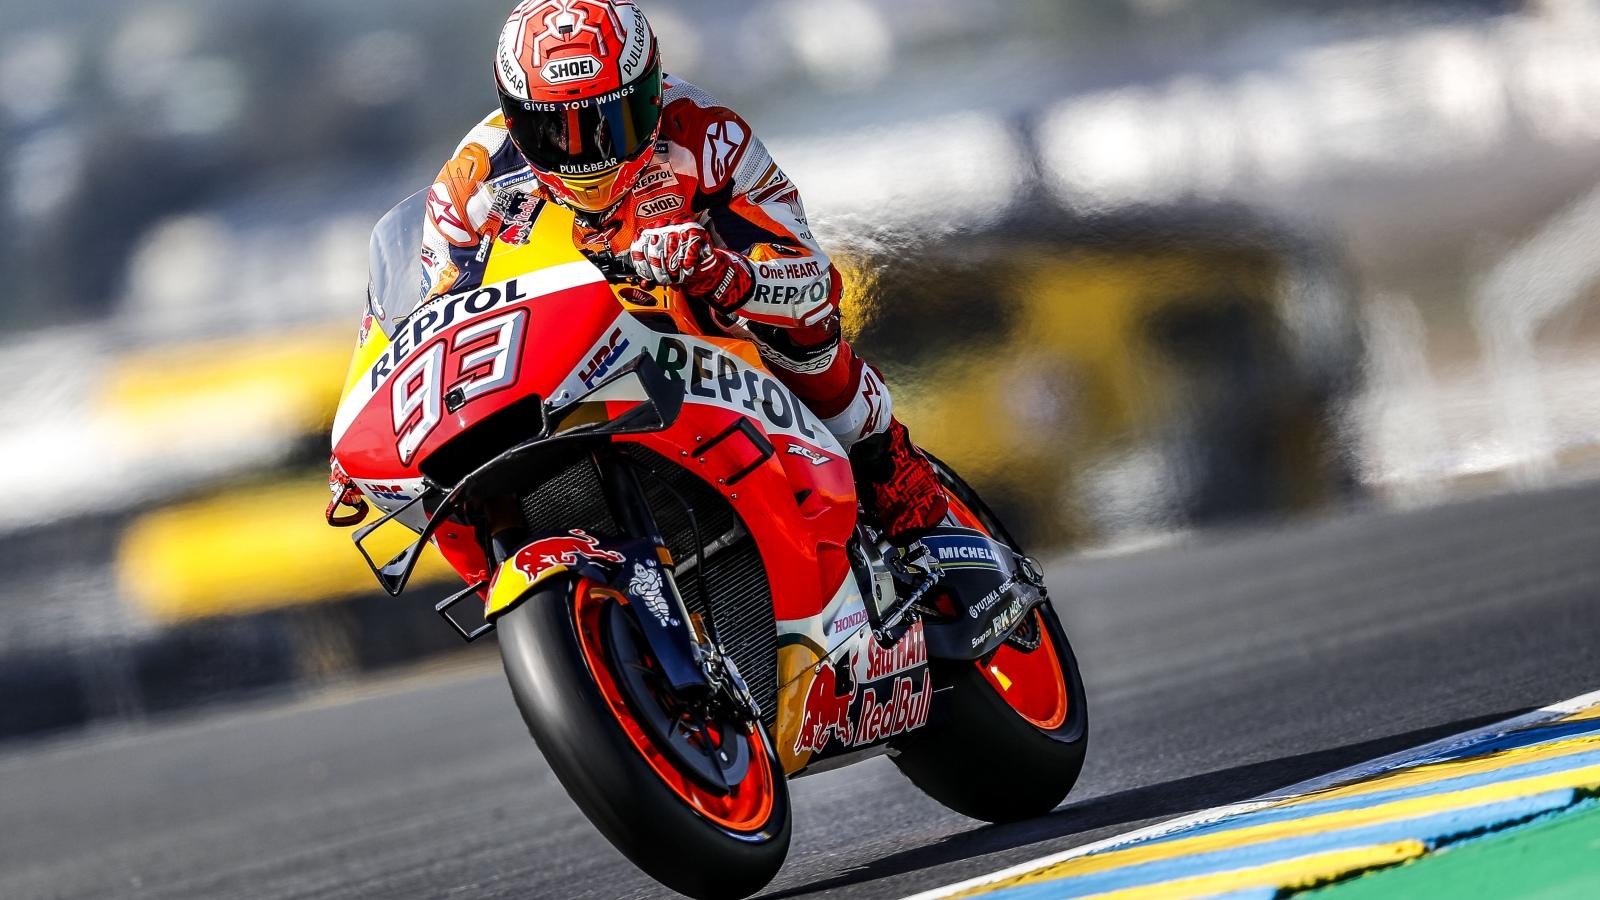 Marc Márquez hace la pole en Le Mans e iguala a Valentino Rossi en categoría reina